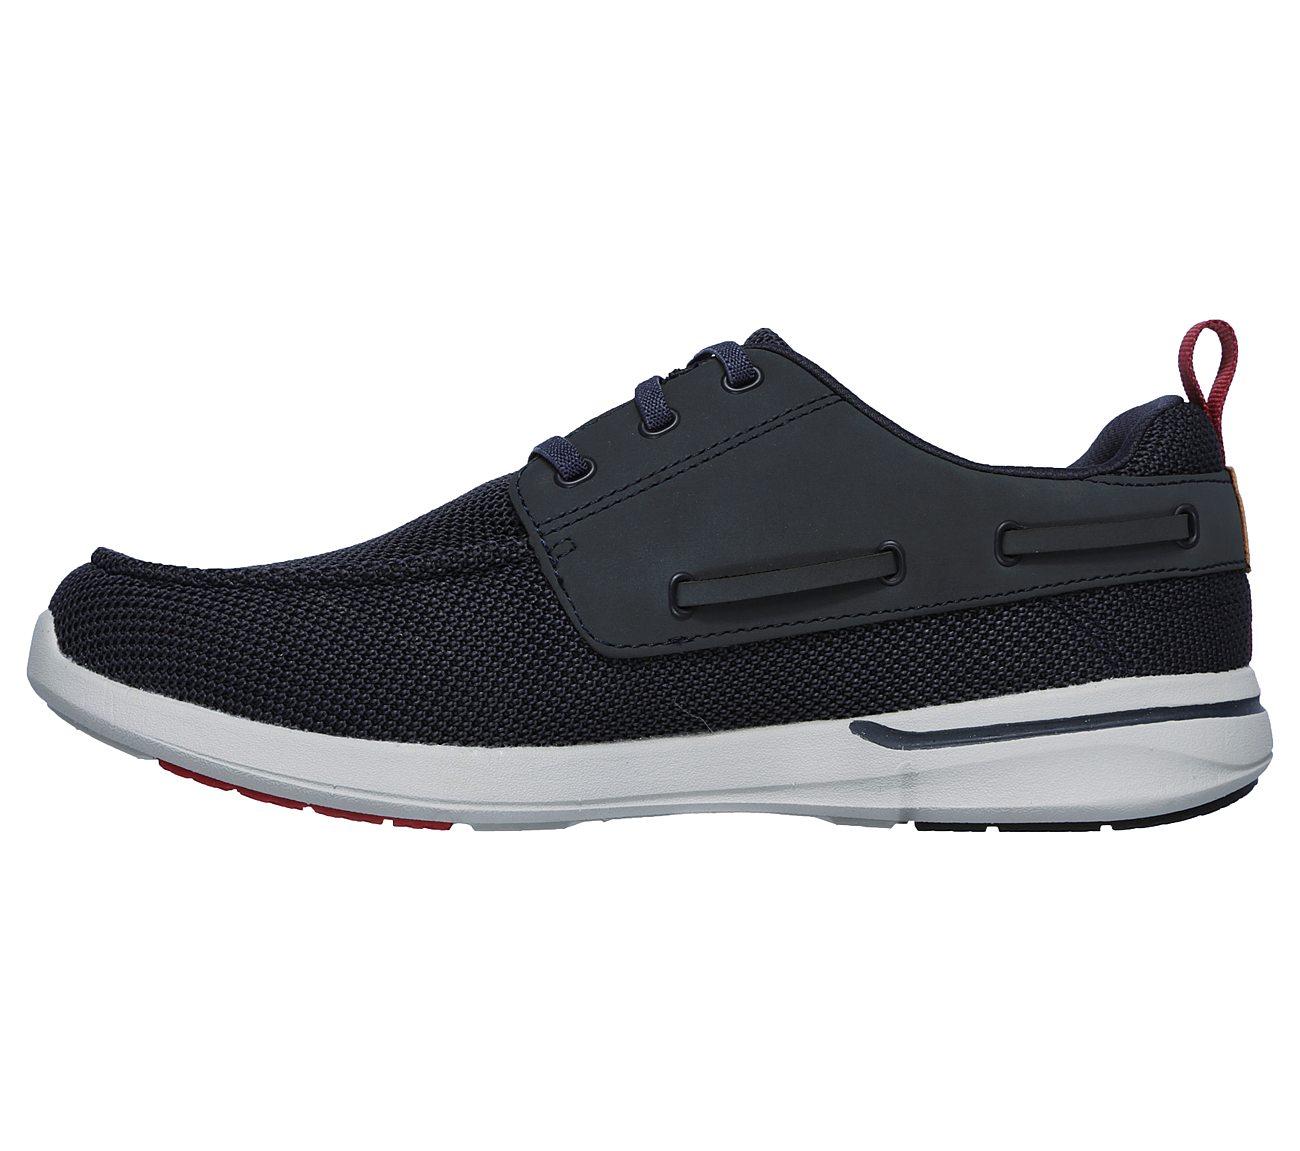 Reebok Shoe Zig Tech Zigenergy  Black Pink Gs Big Kids Junior Running 5 6 J22339